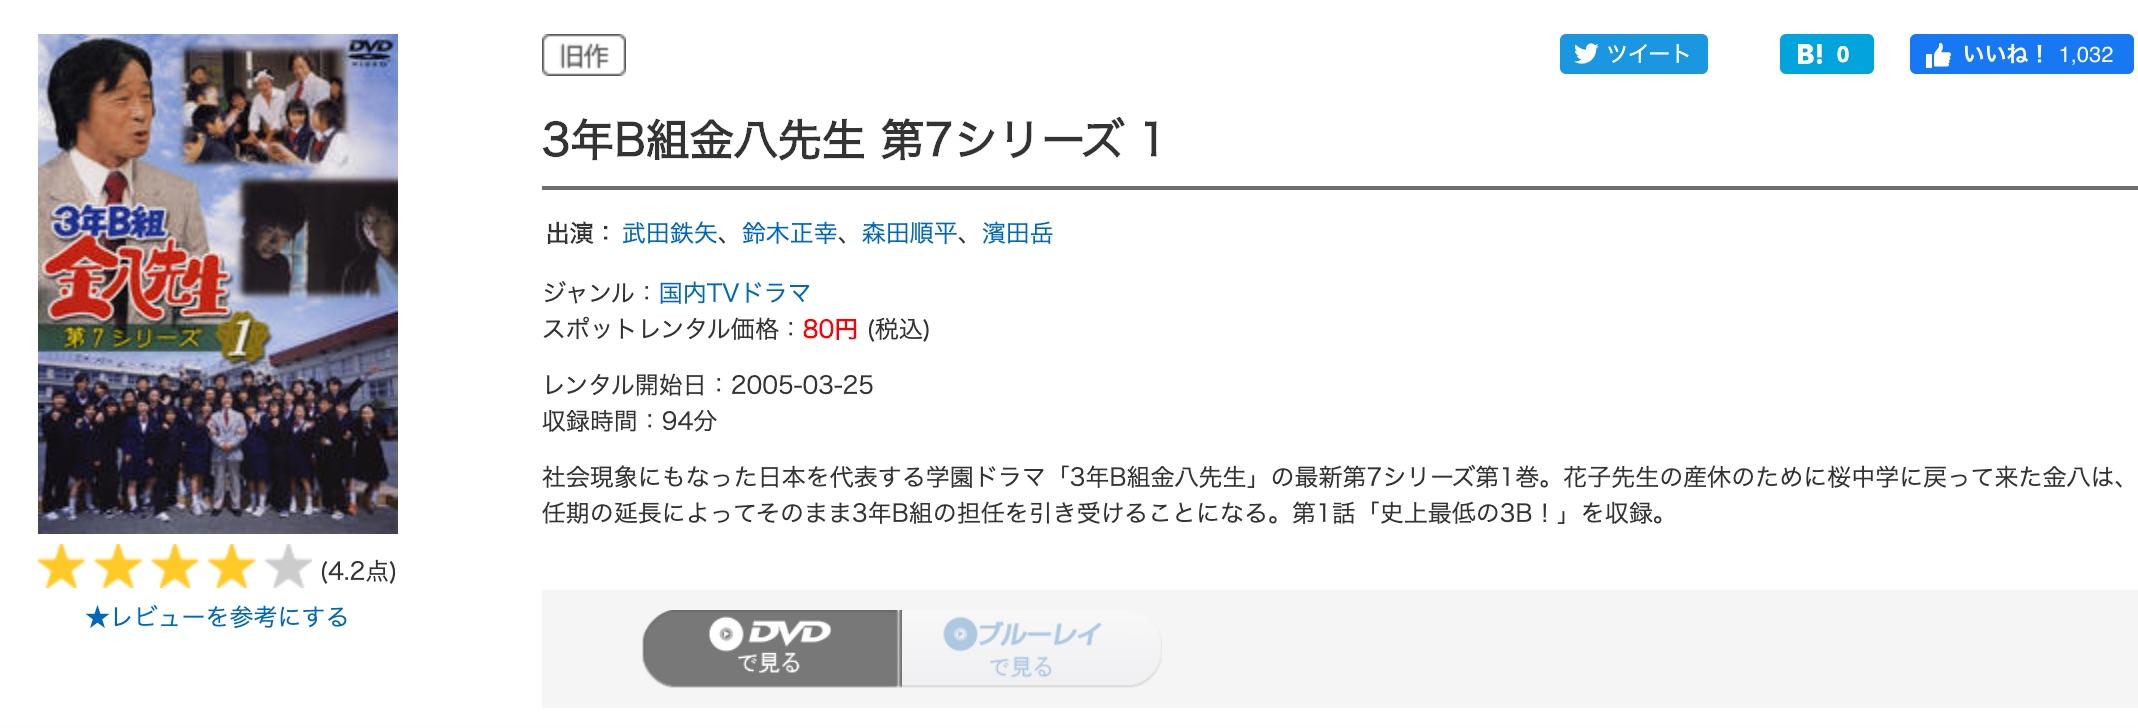 第 シリーズ 金 あらすじ 八 先生 8